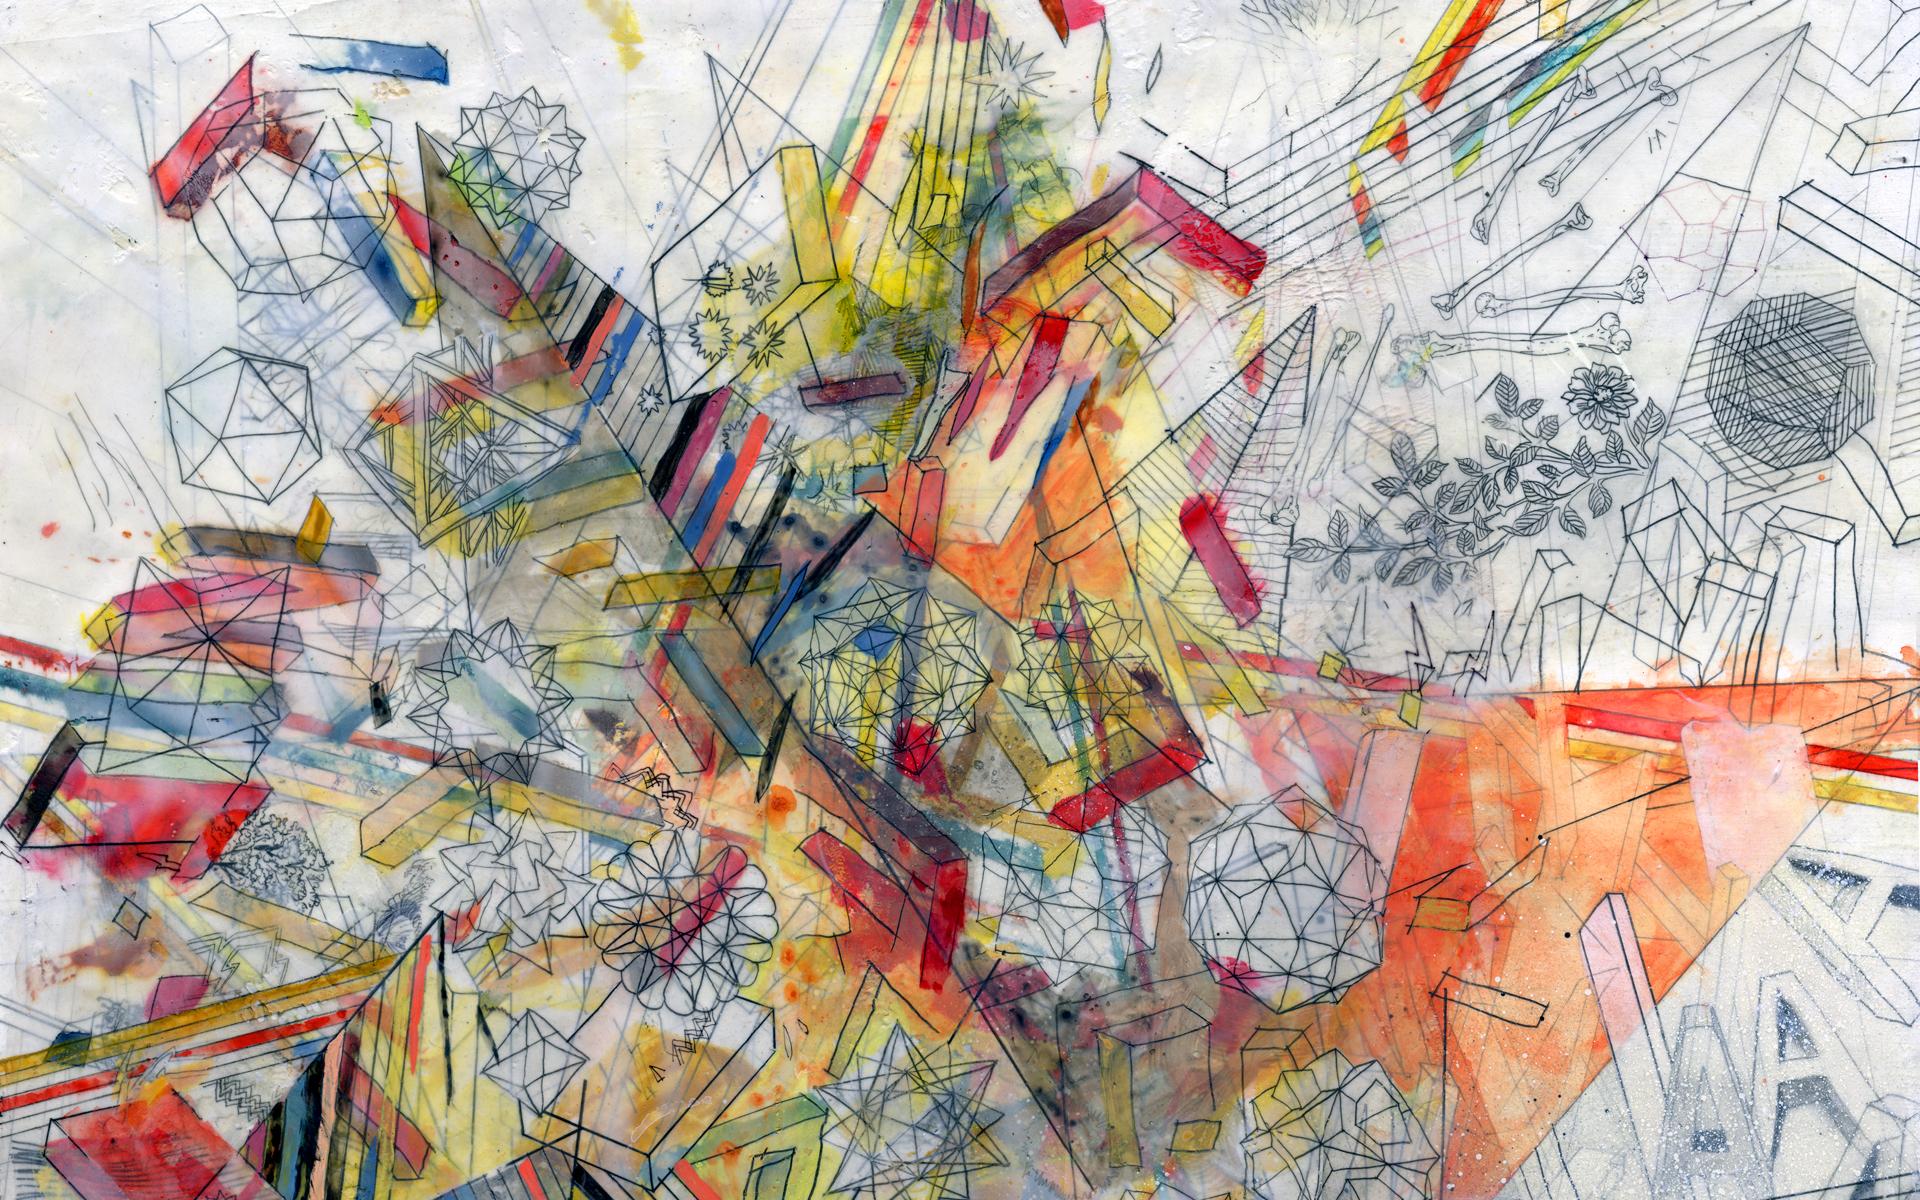 art artsy arty background - photo #7